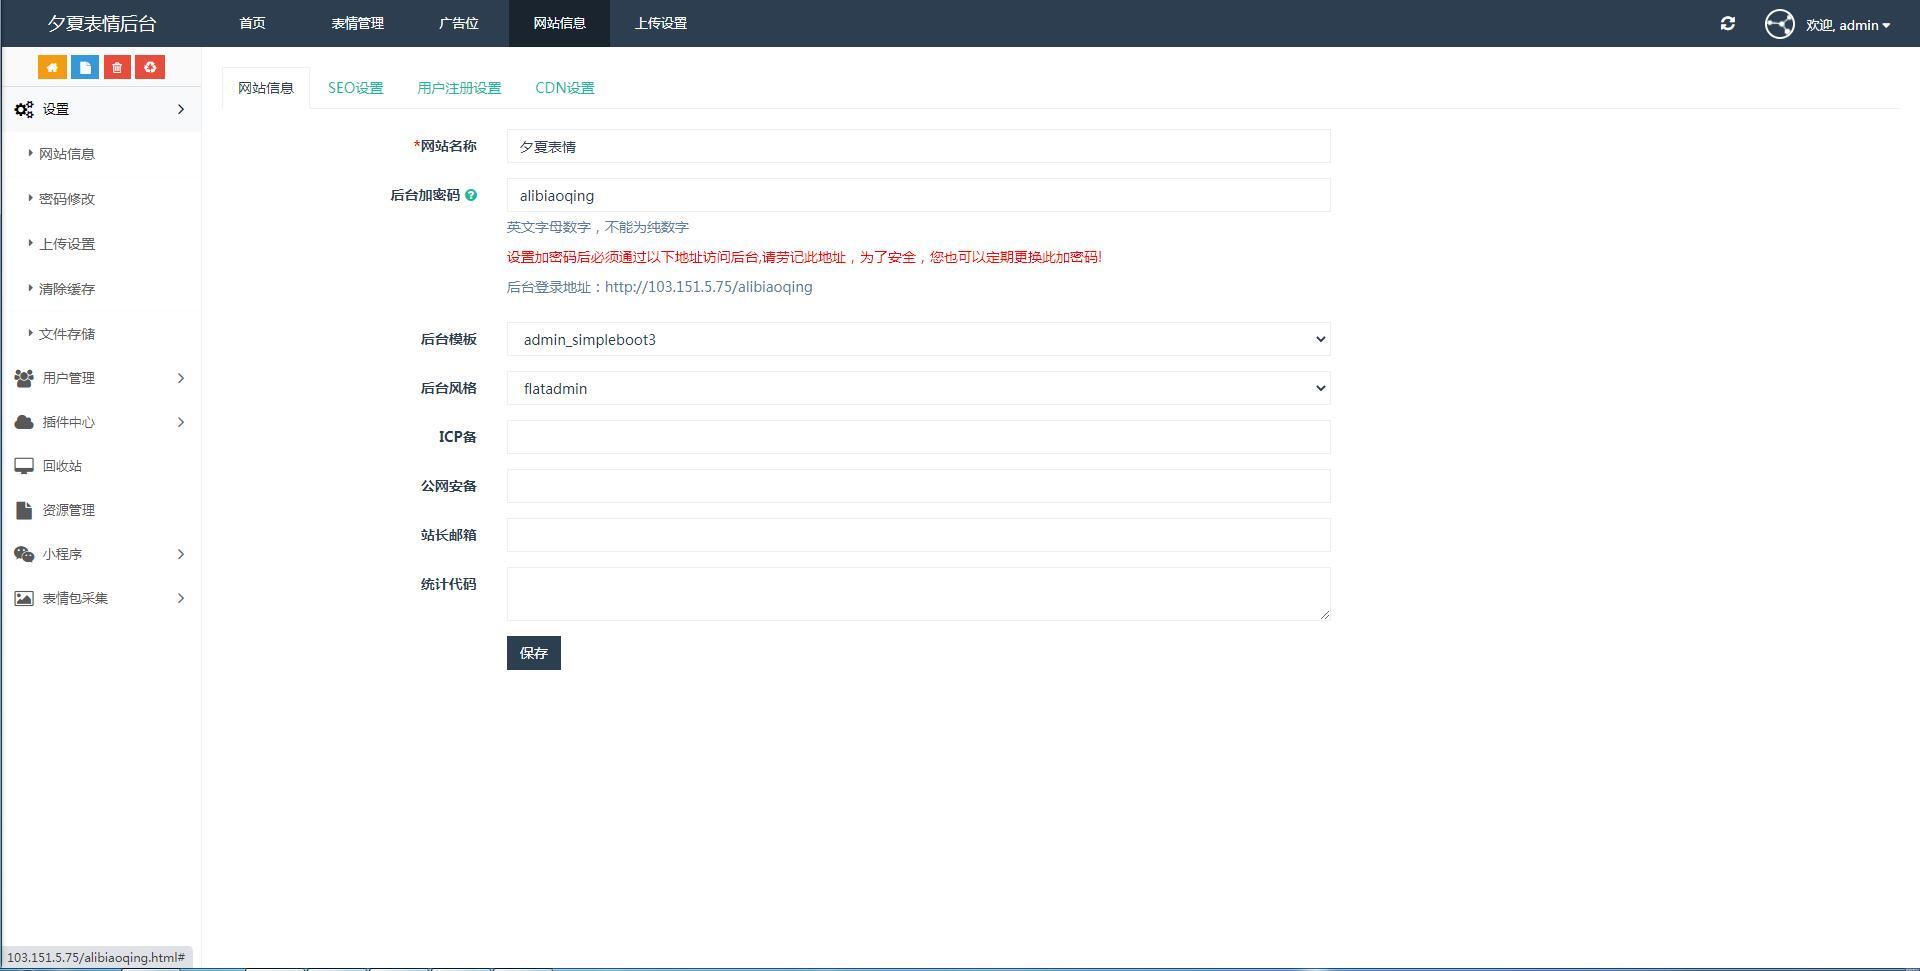 二开微信表情包微信小程序去受权版 网址后面【网站站长亲自测试】插图2